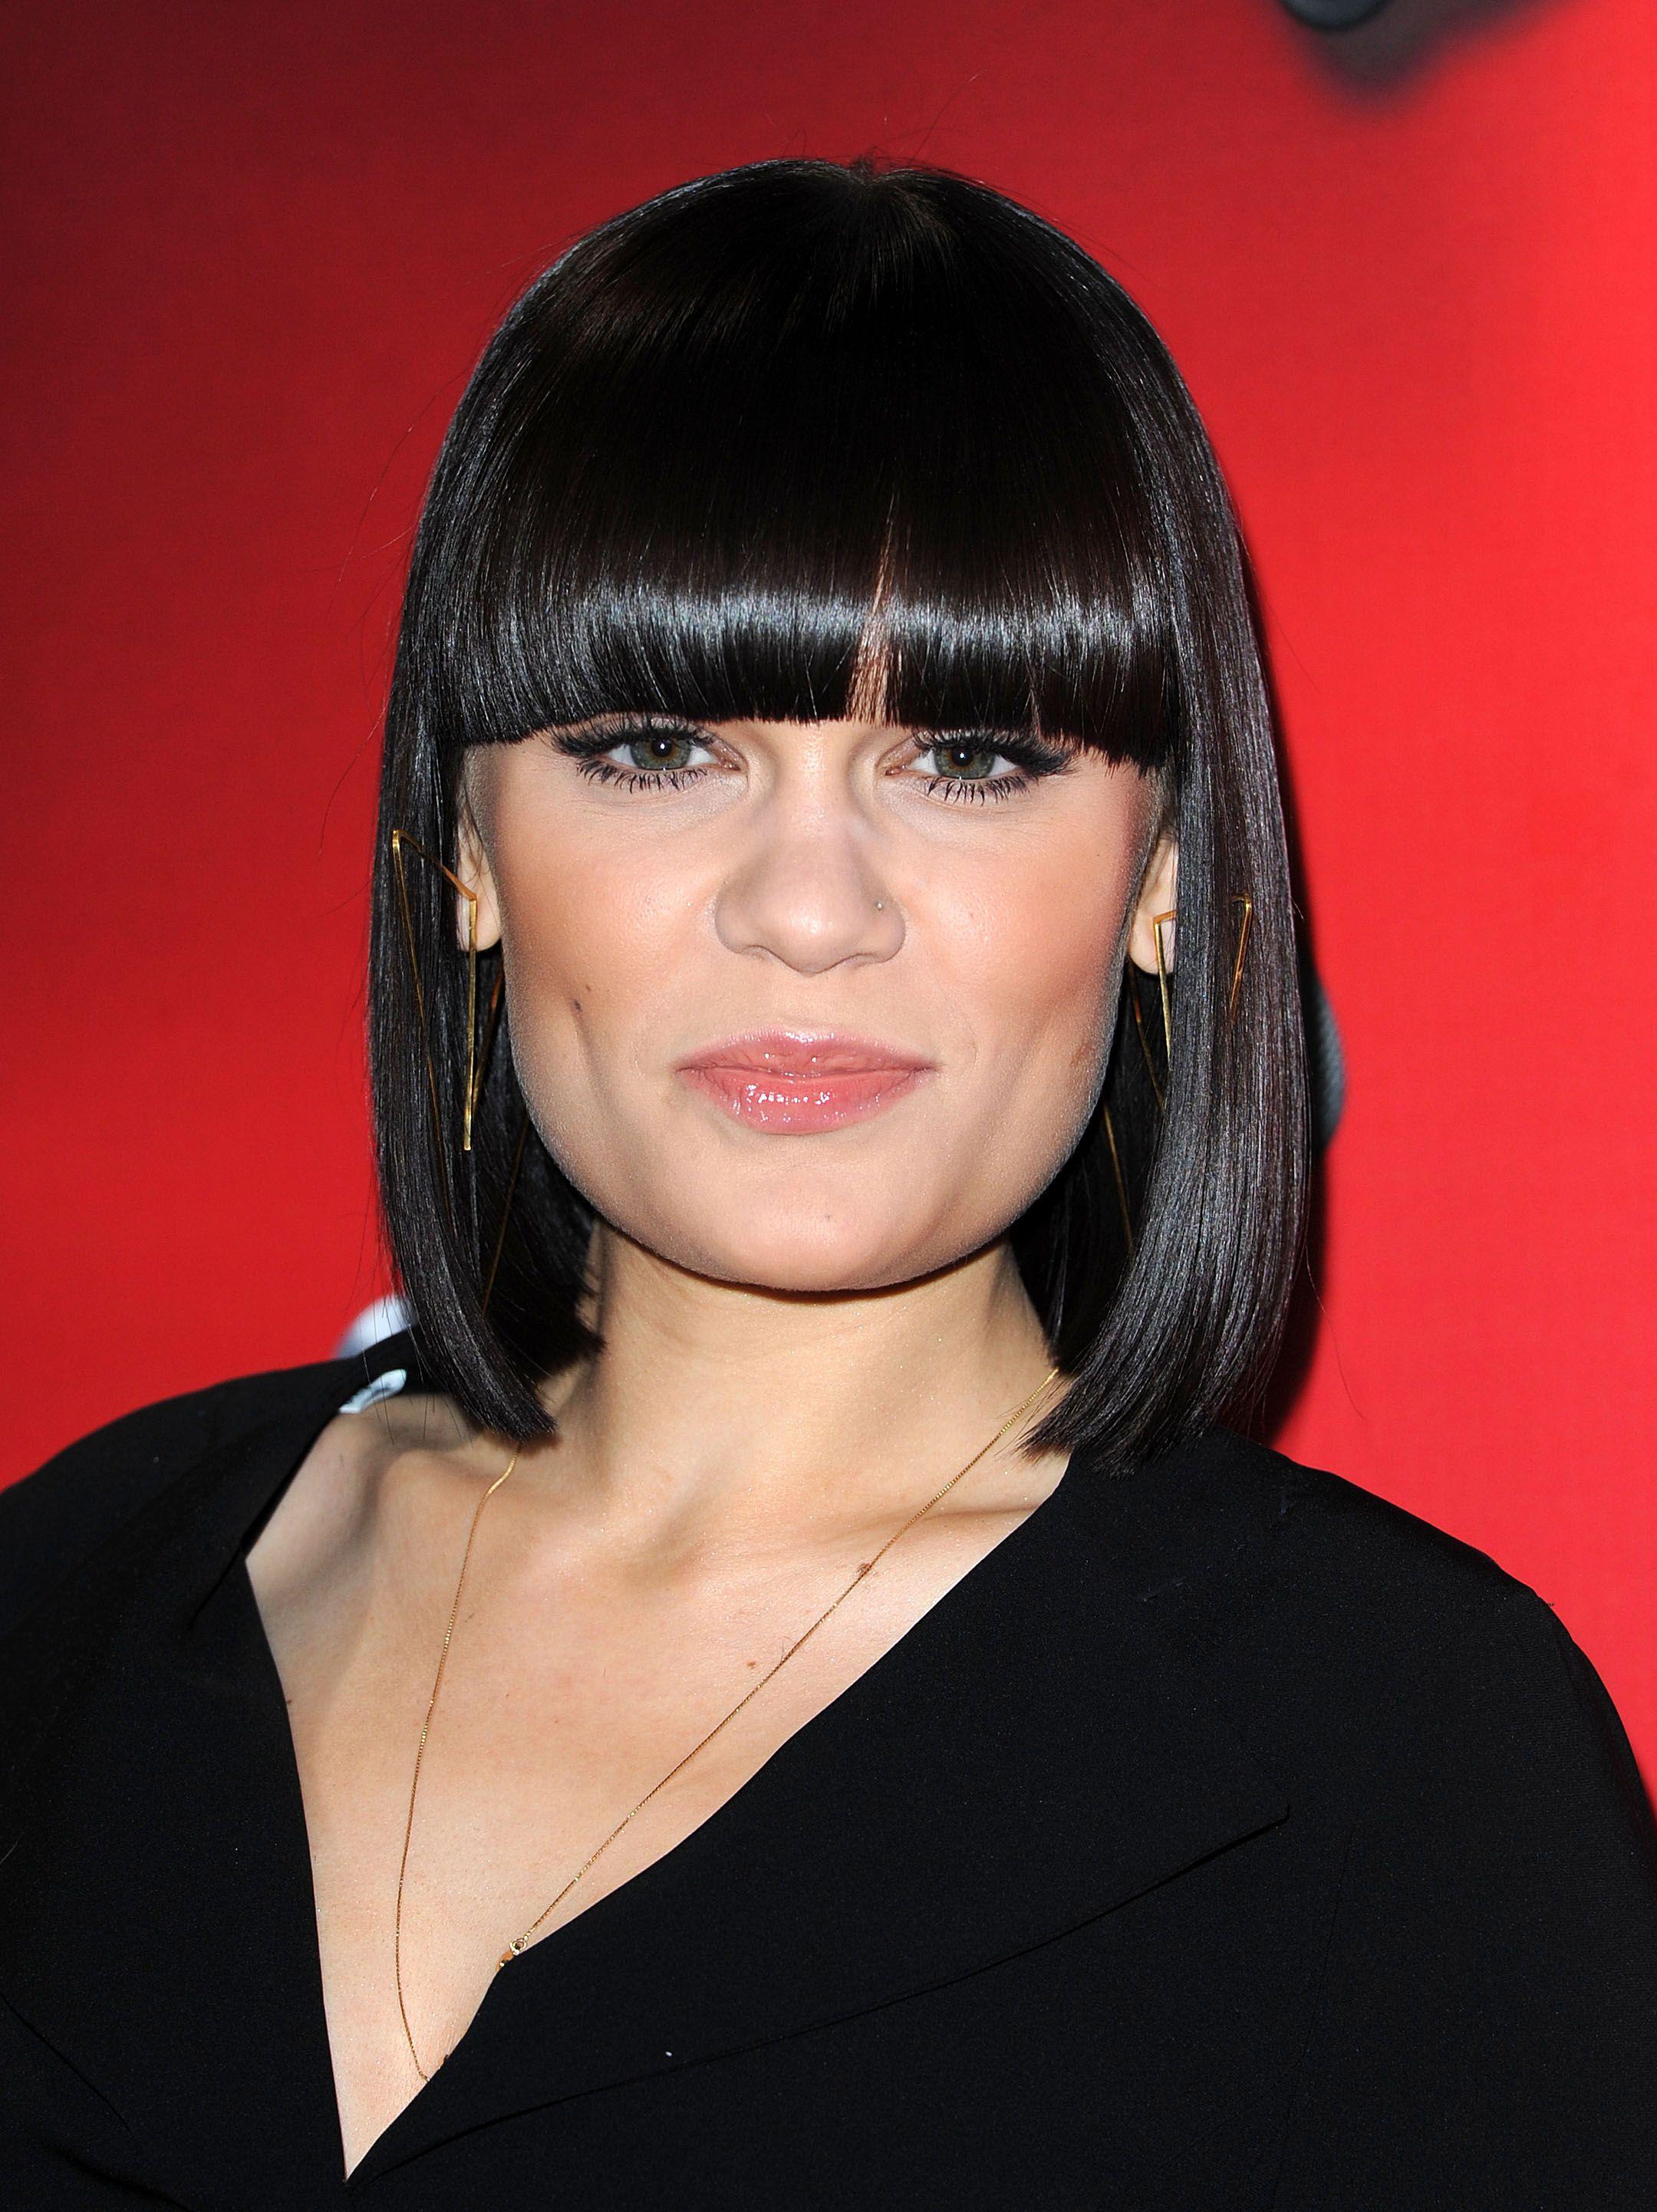 Jessie J #star #black #frangia #jessiej  Bob hairstyles, Medium